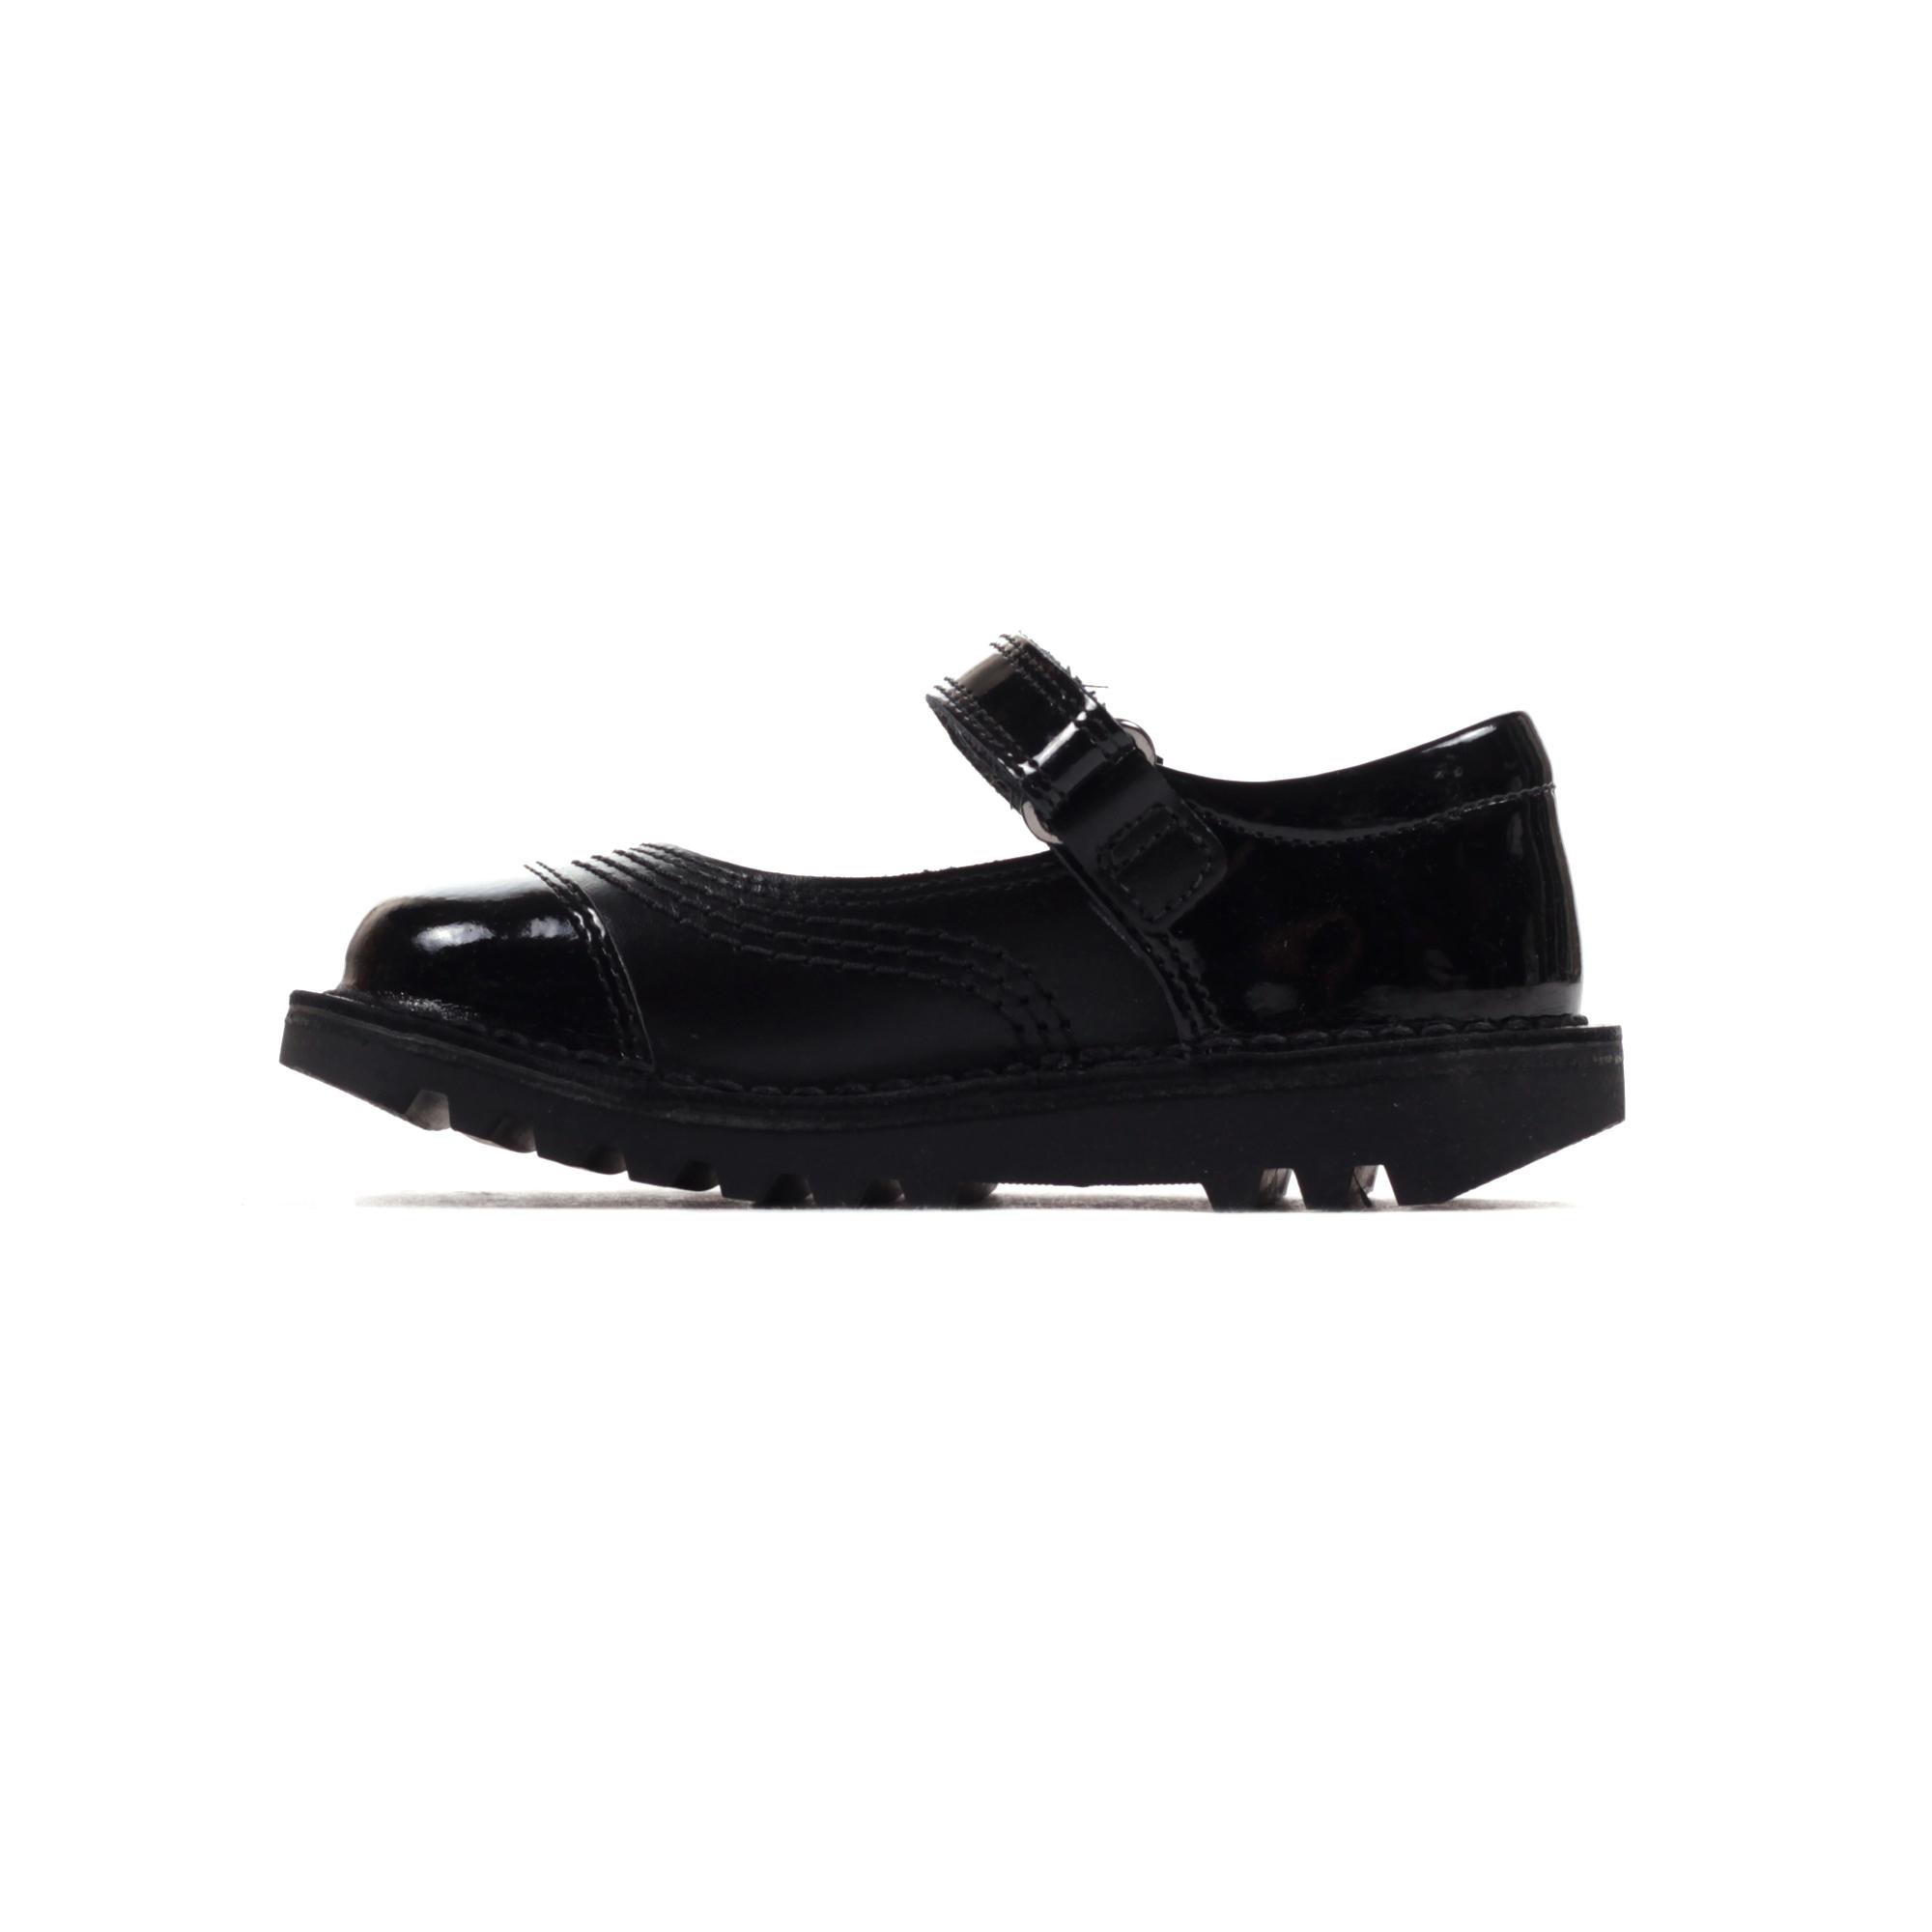 40e2e1116b84e Kickers Kick Pop in pelle neonato ragazze scuola moda scarpa nero